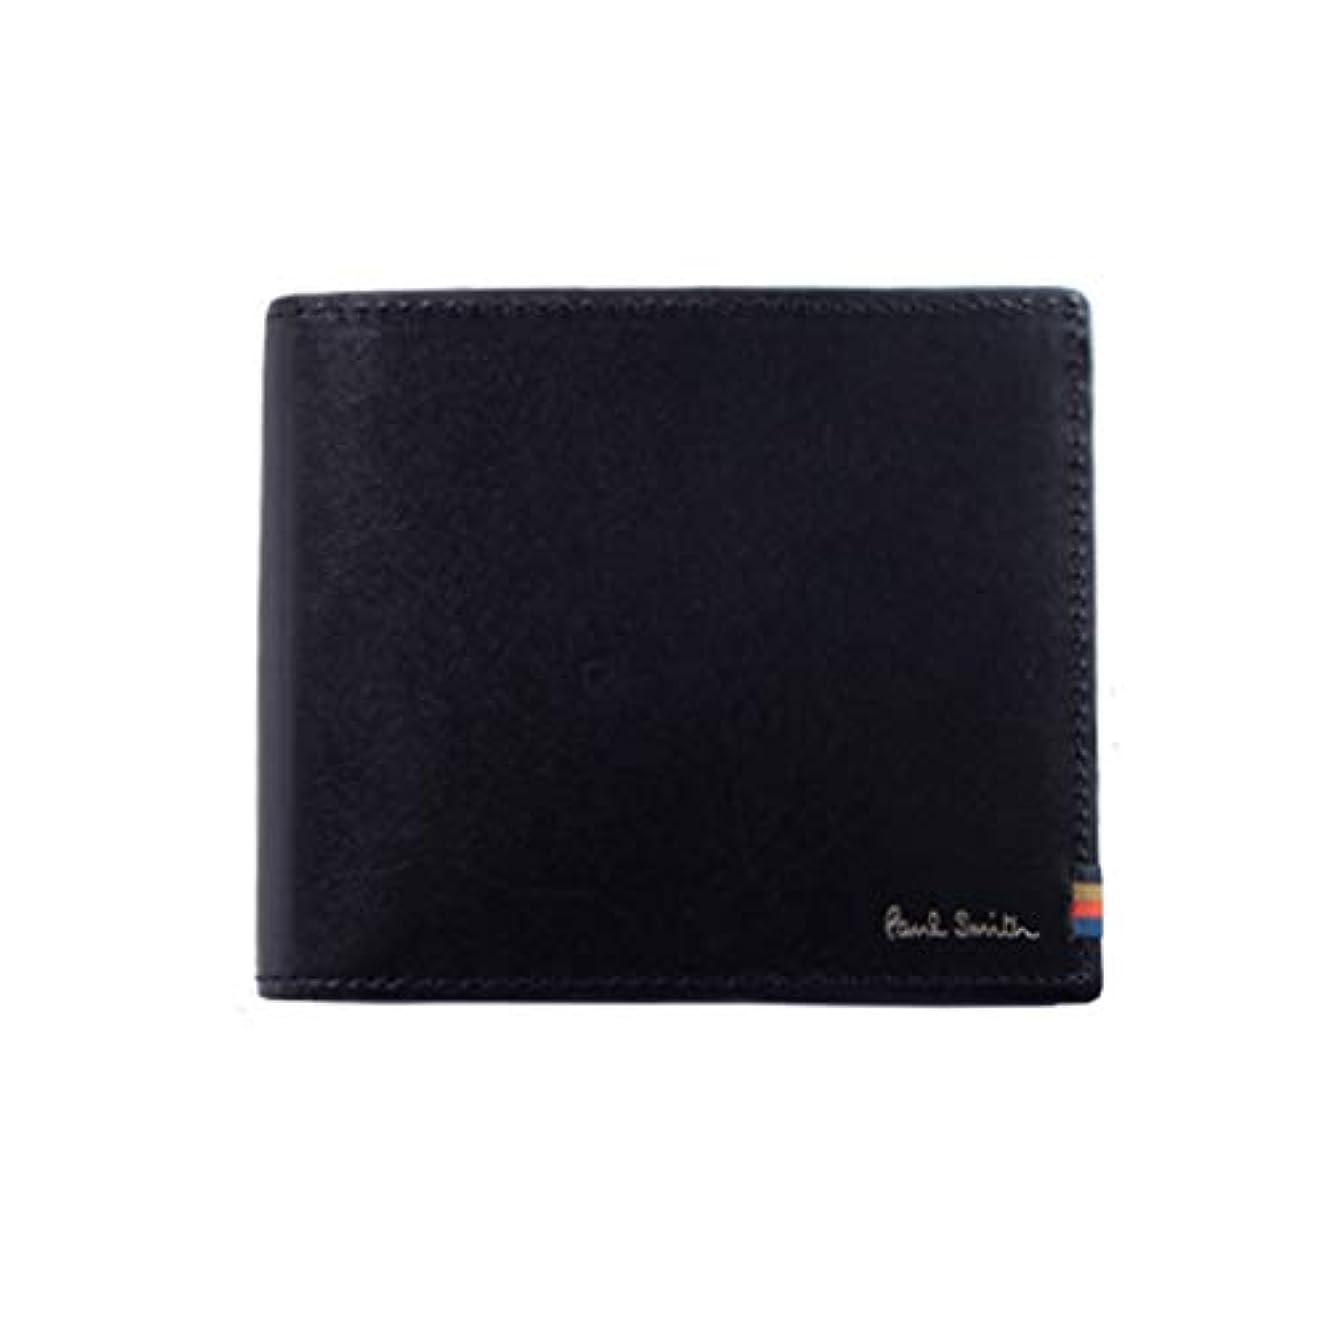 韓国小さいすでに[ポール?スミス] 財布 二つ折財布 折り財布 メンズ ストライプステッチタブ 873413 PSC834